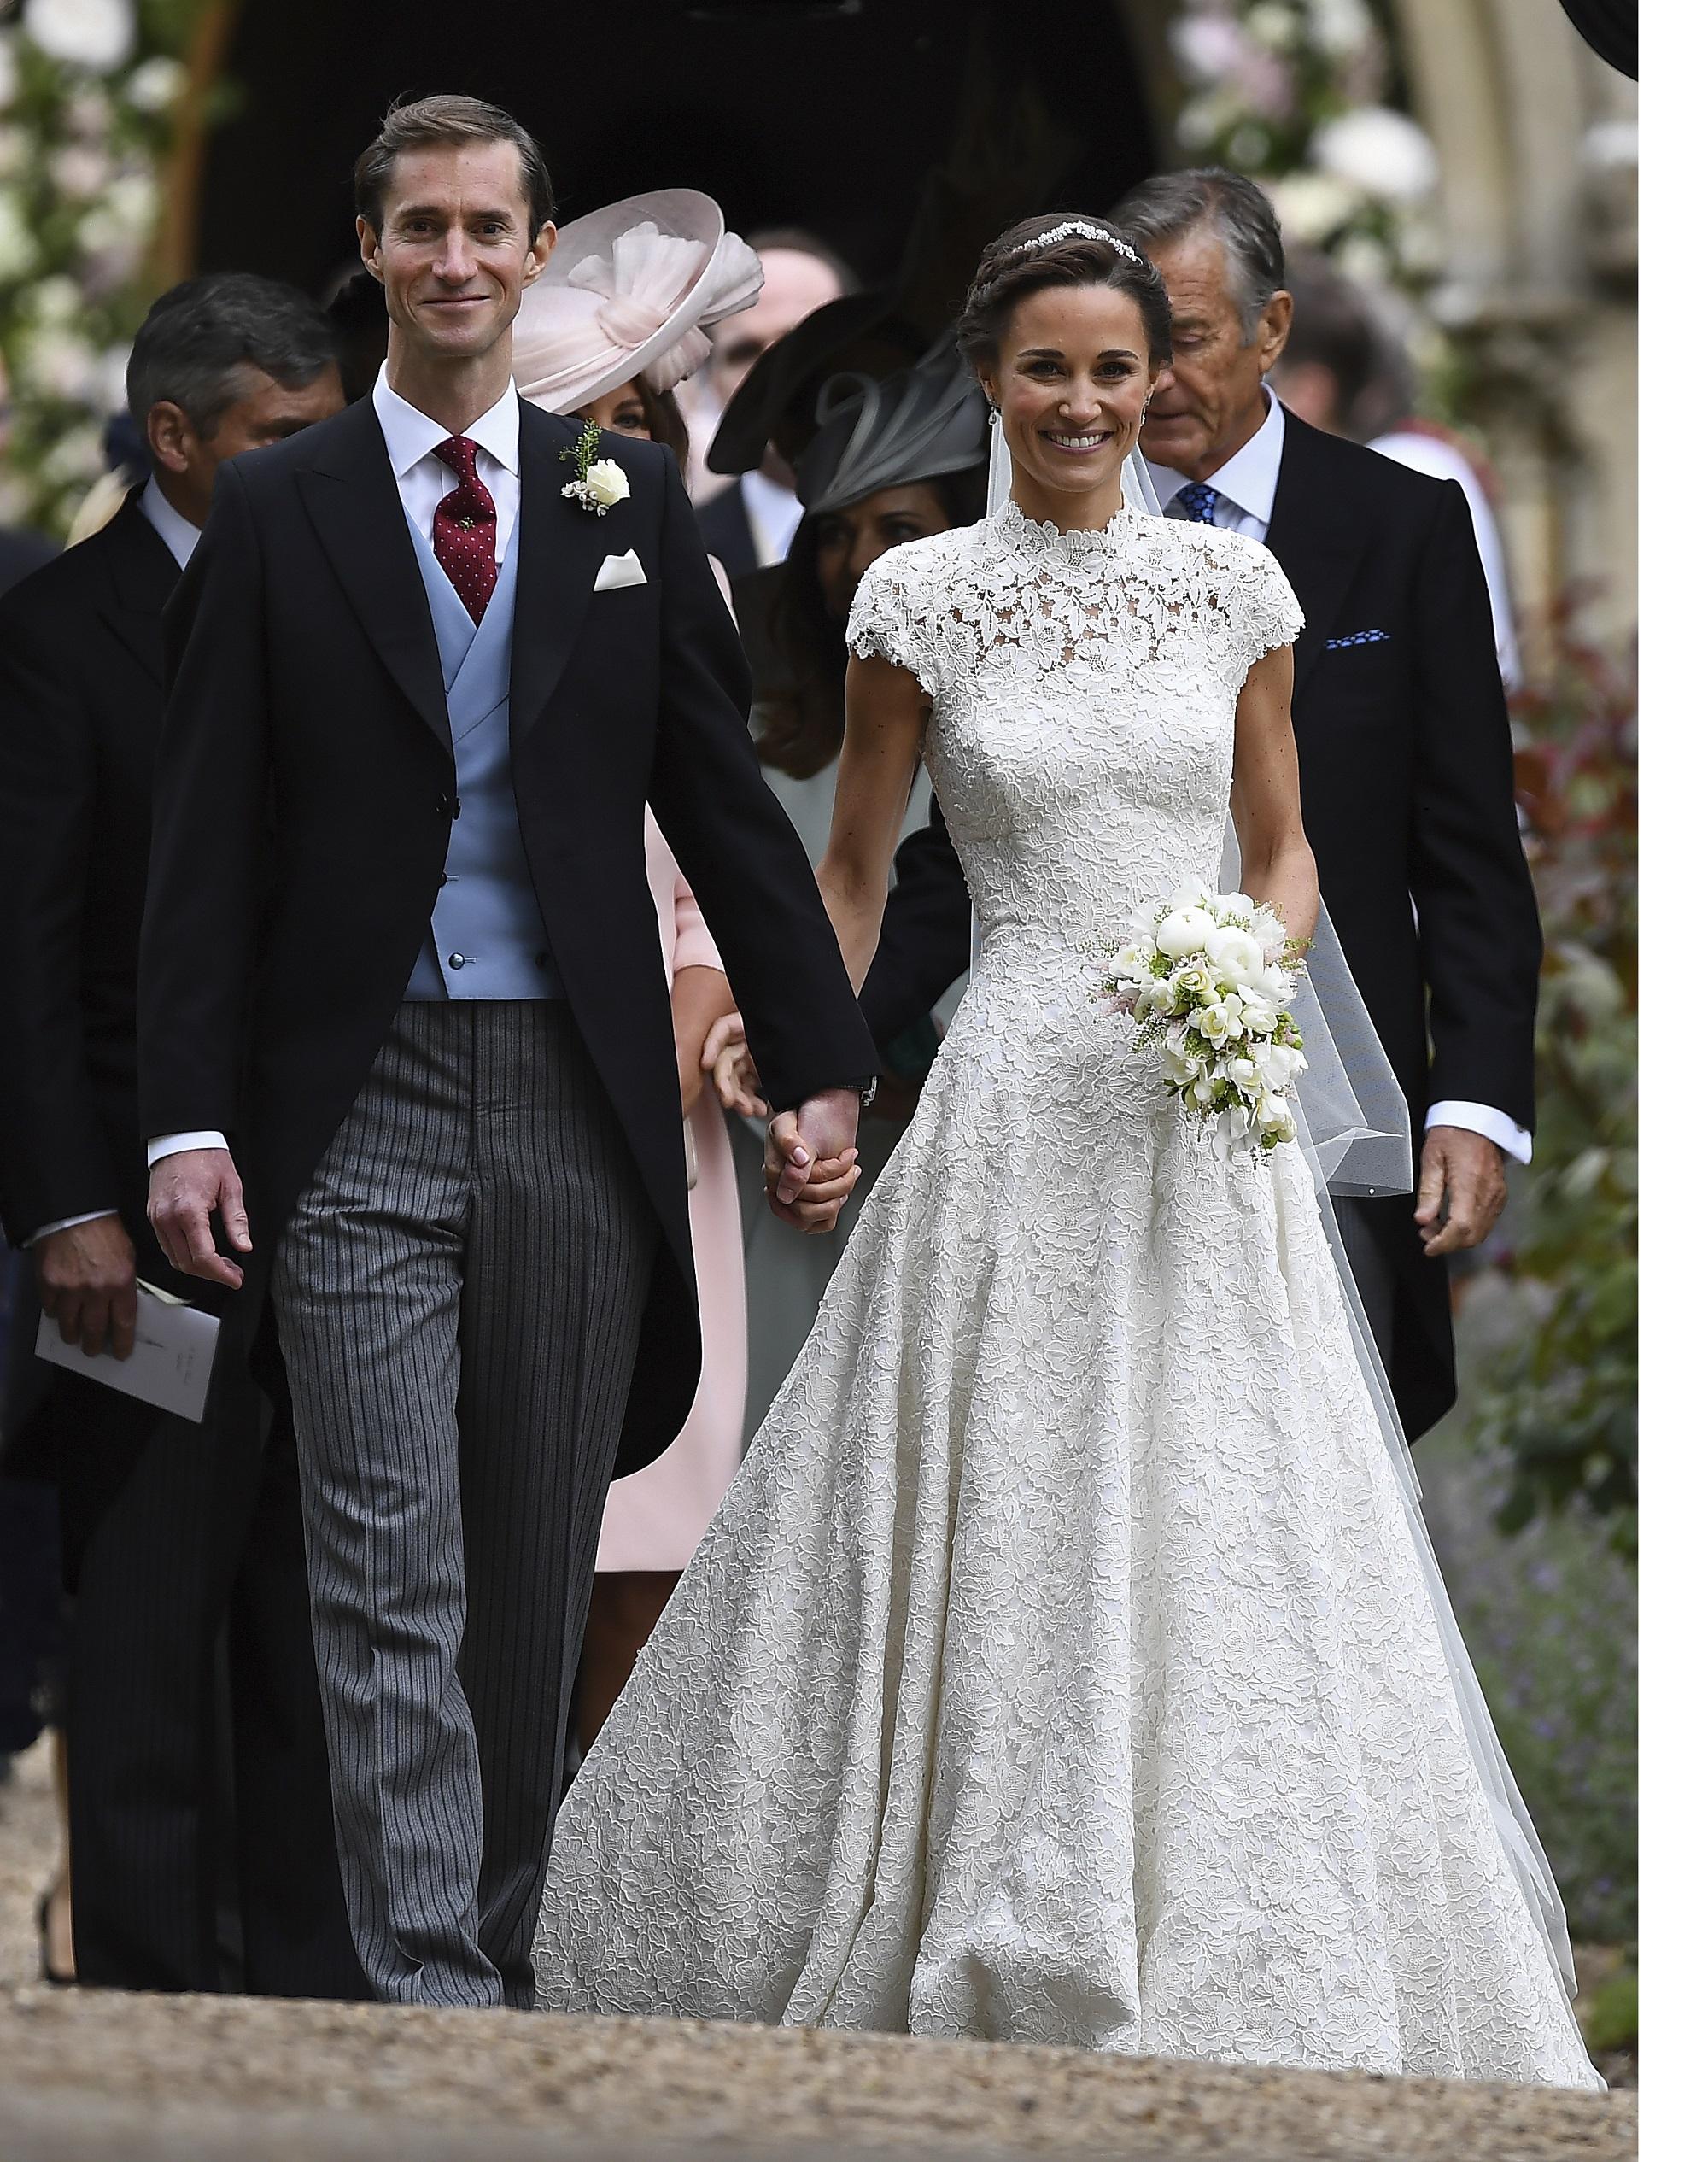 La hermana de Kate Middleton se comprometió con Matthews el año pasado tras una relación estable que empezó en 2015. (Justin Tallis/Pool Photo via AP)